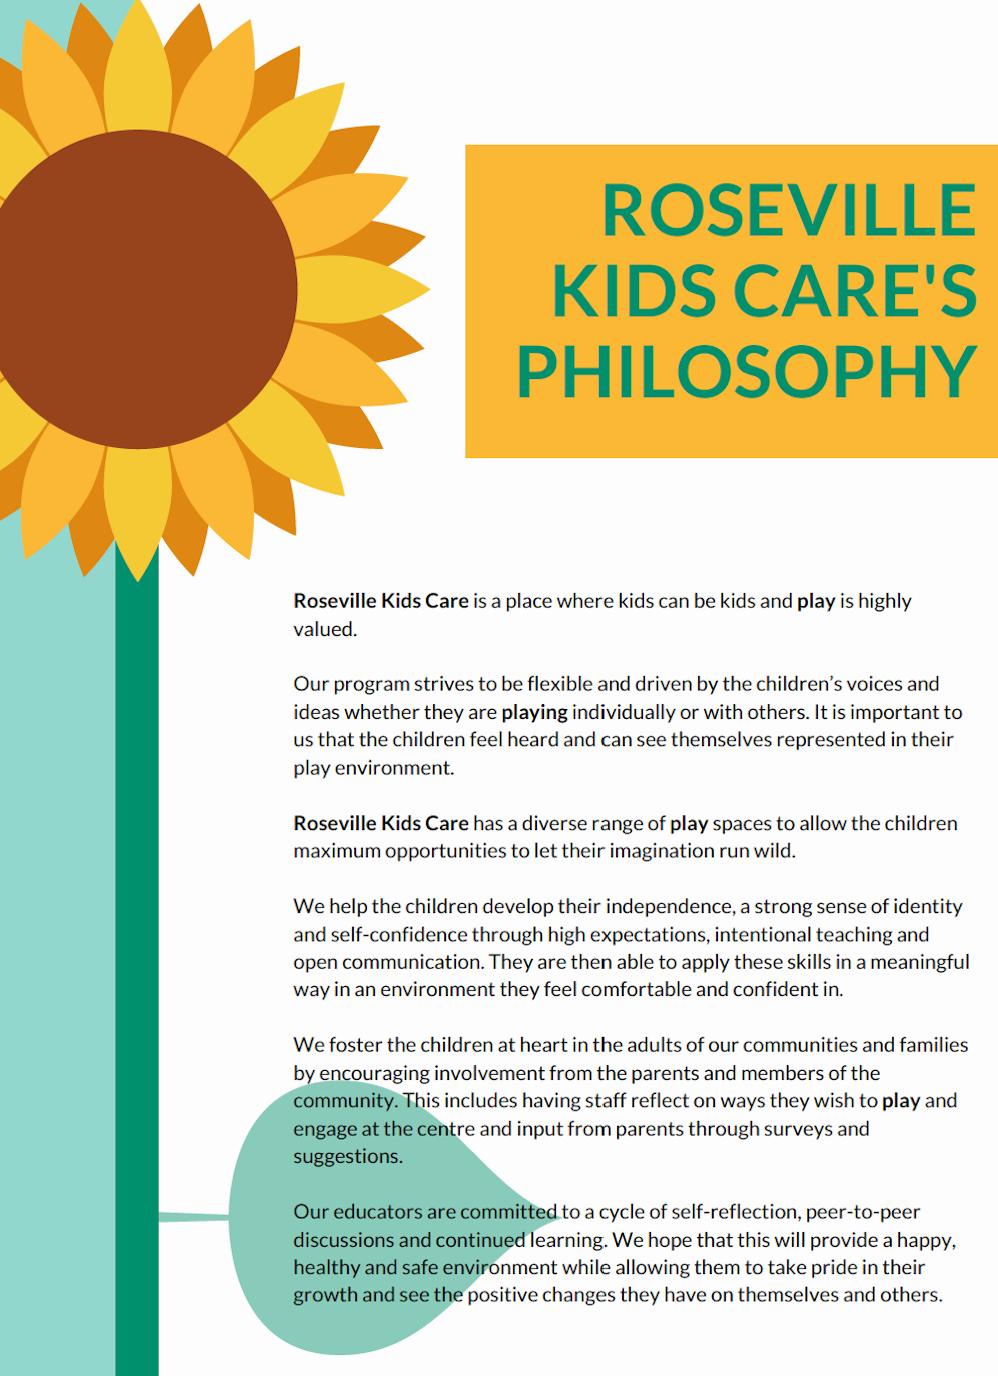 Roseville Kids Care's Philosophy